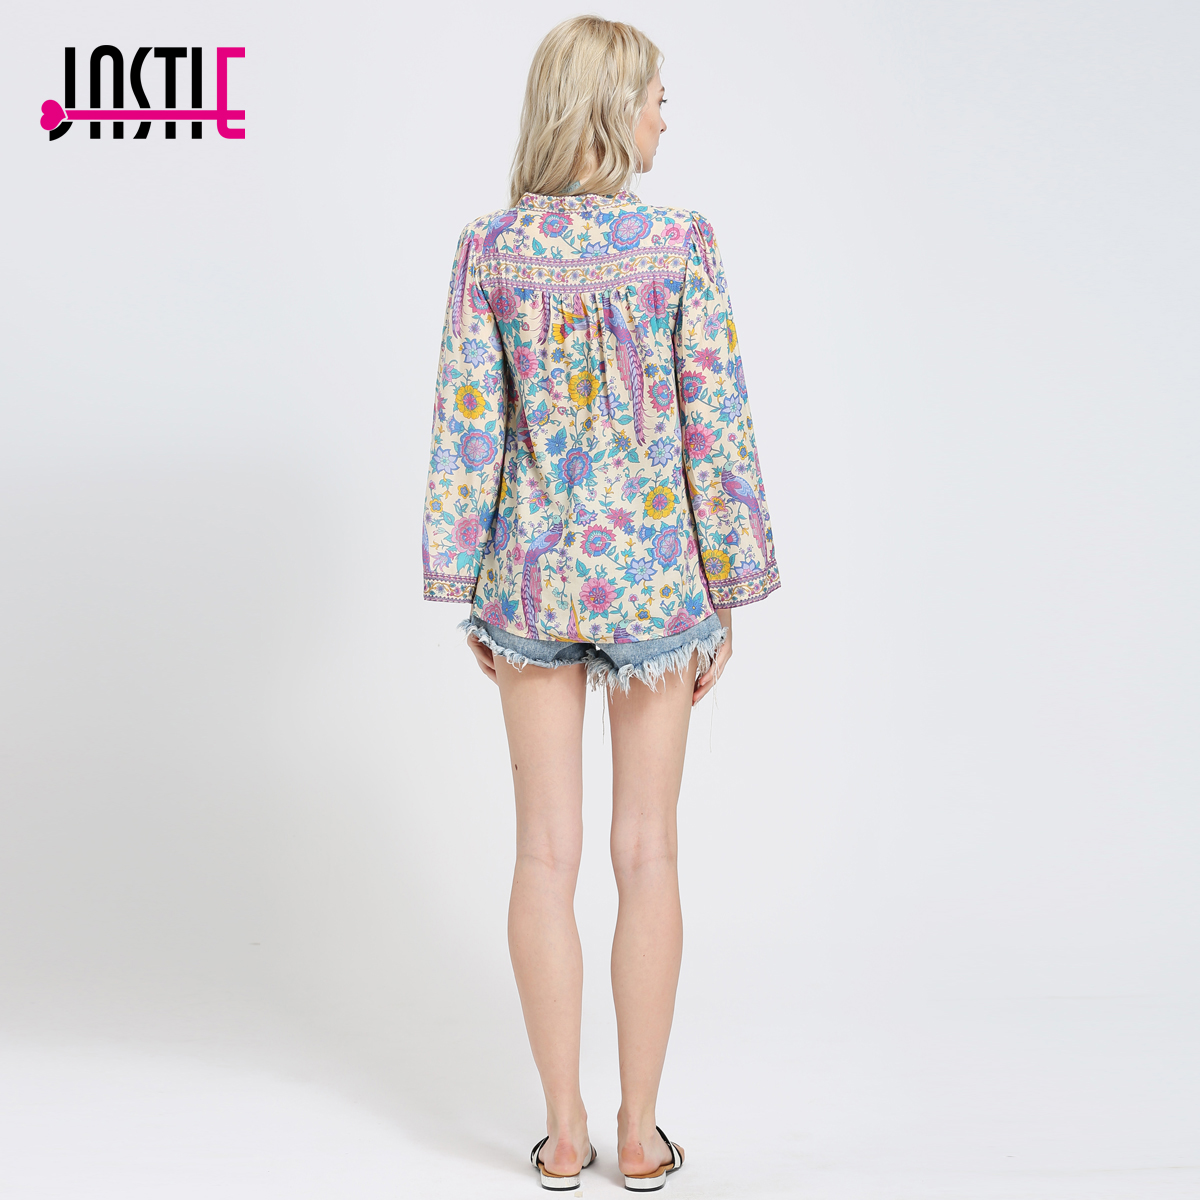 206 Long Jastie Multiple Casual Blusas Chic Impresión Tops Hippie Bohemia Floral Y V Flare Mujeres Manga Ladies cuello dgpcragq